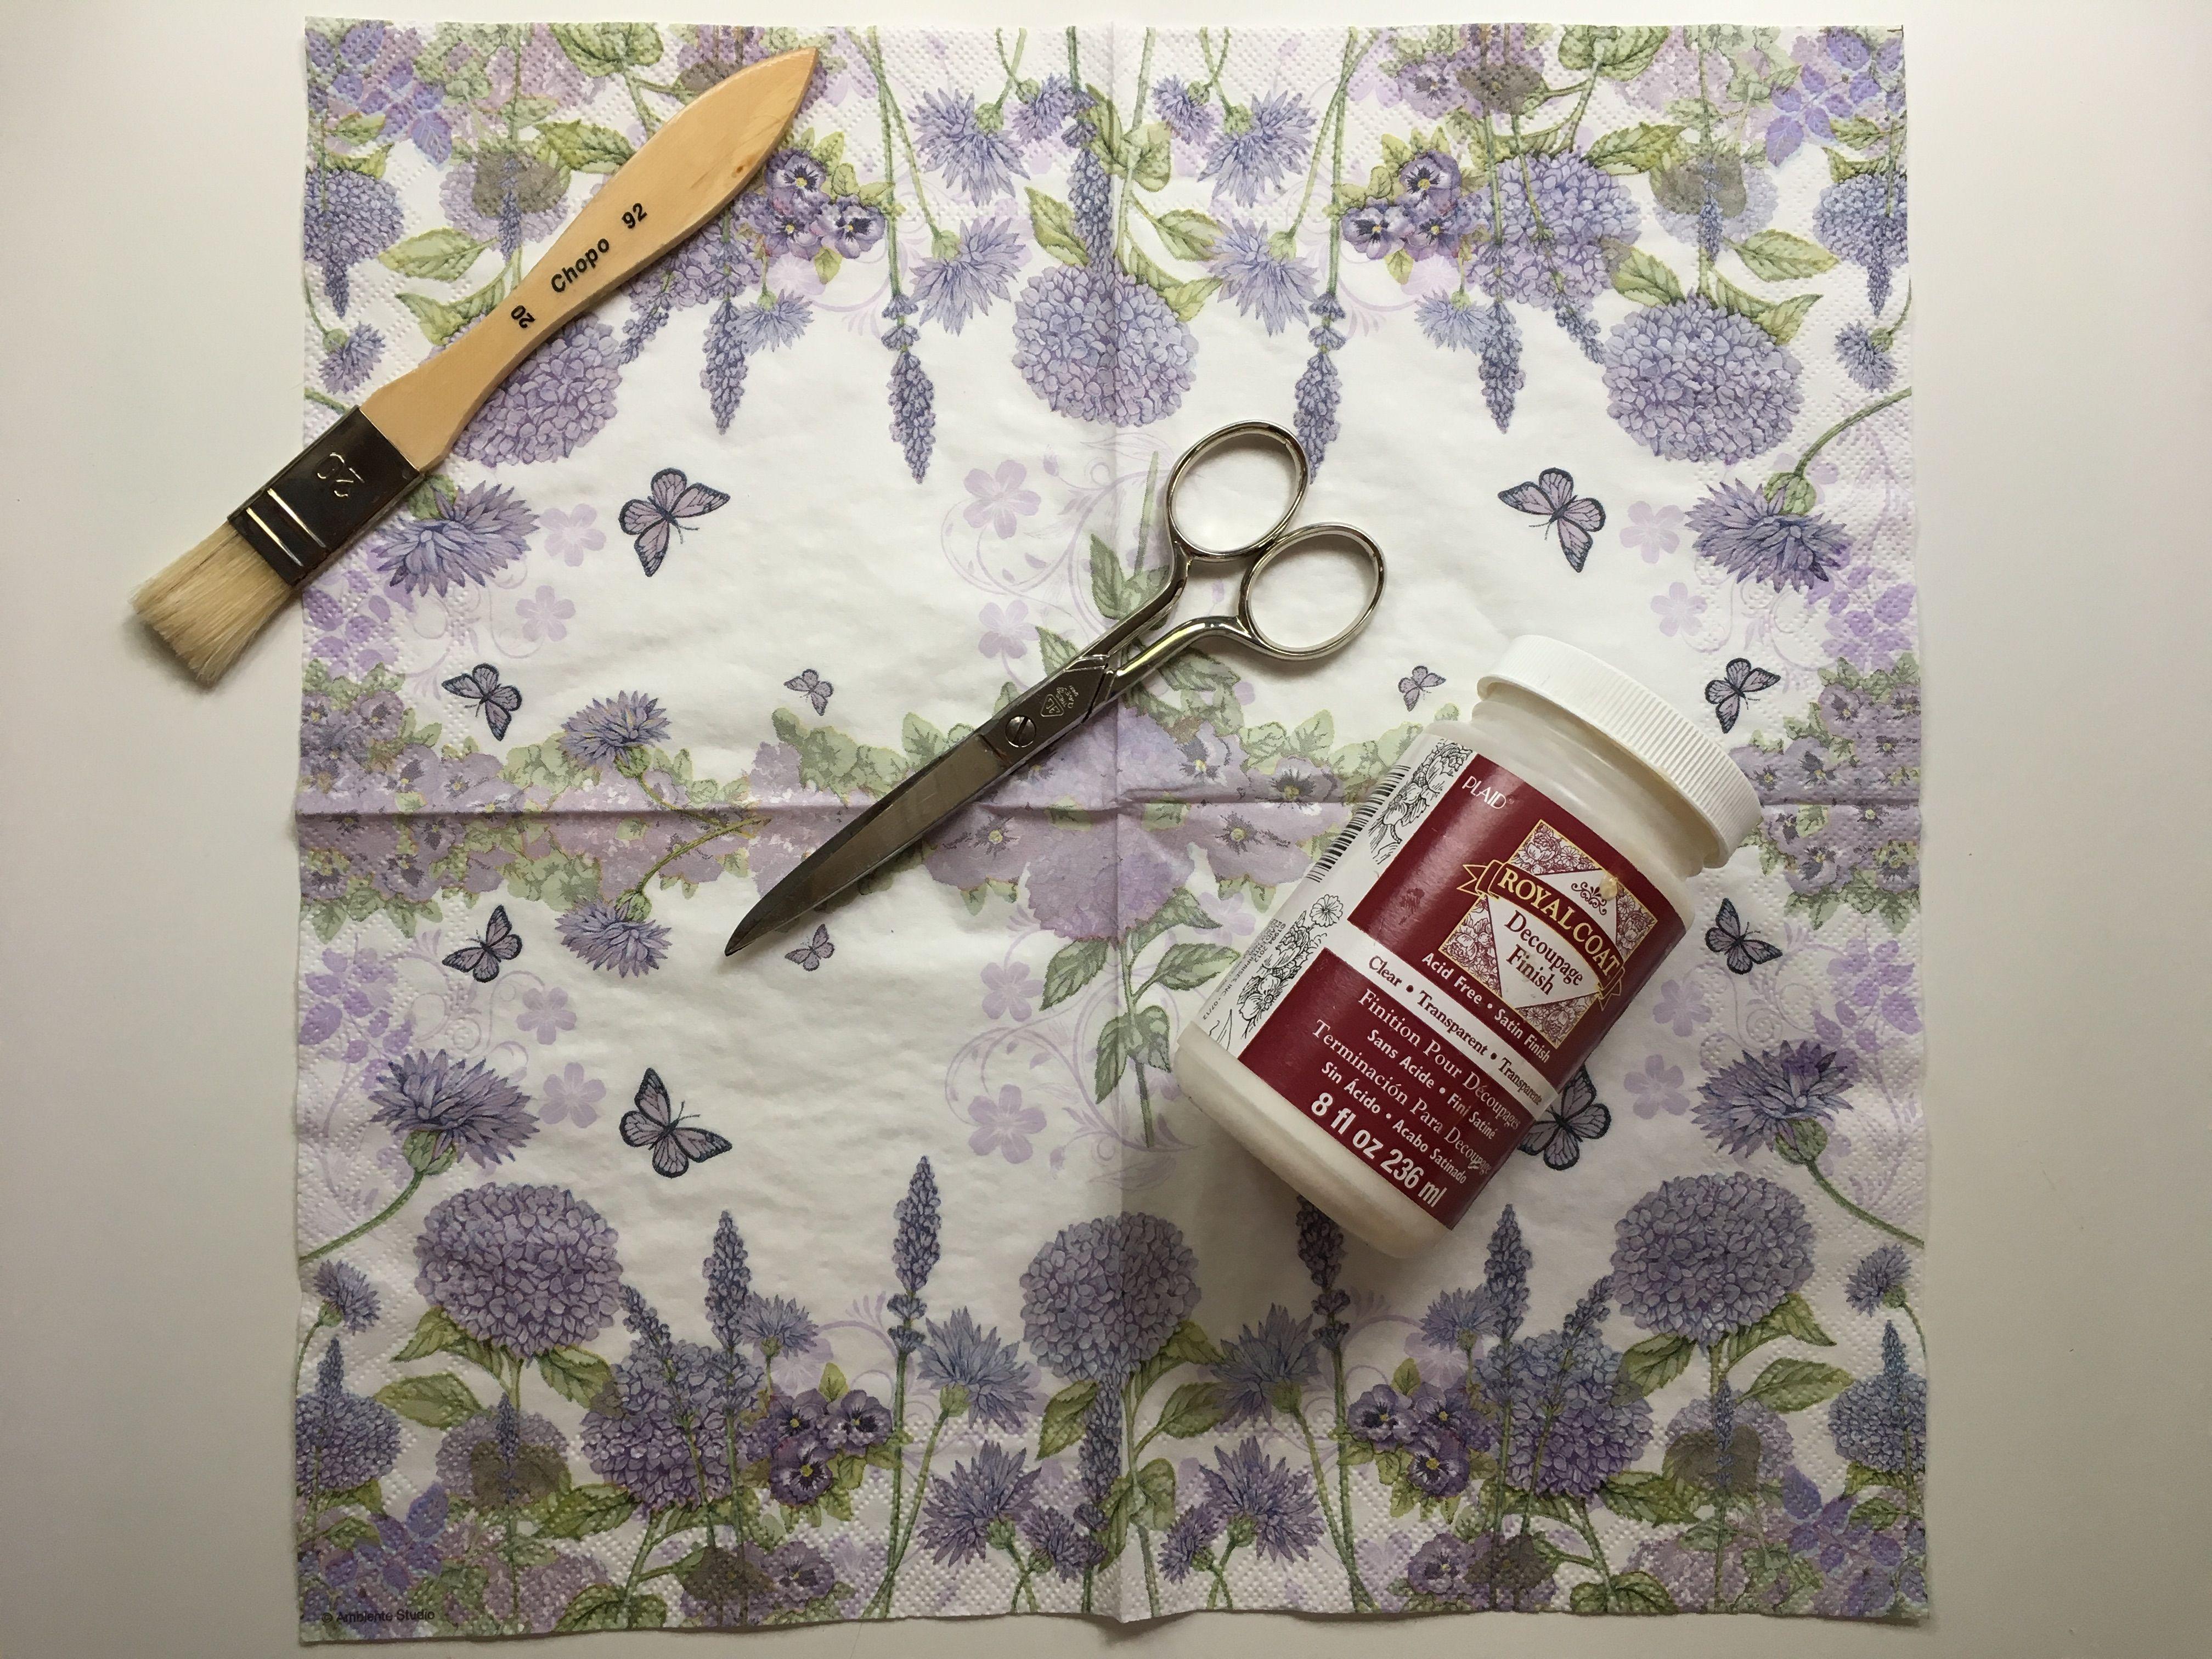 Macetas decoradas con decoupage en mis manitas diy blog - Pegamento para decoupage ...